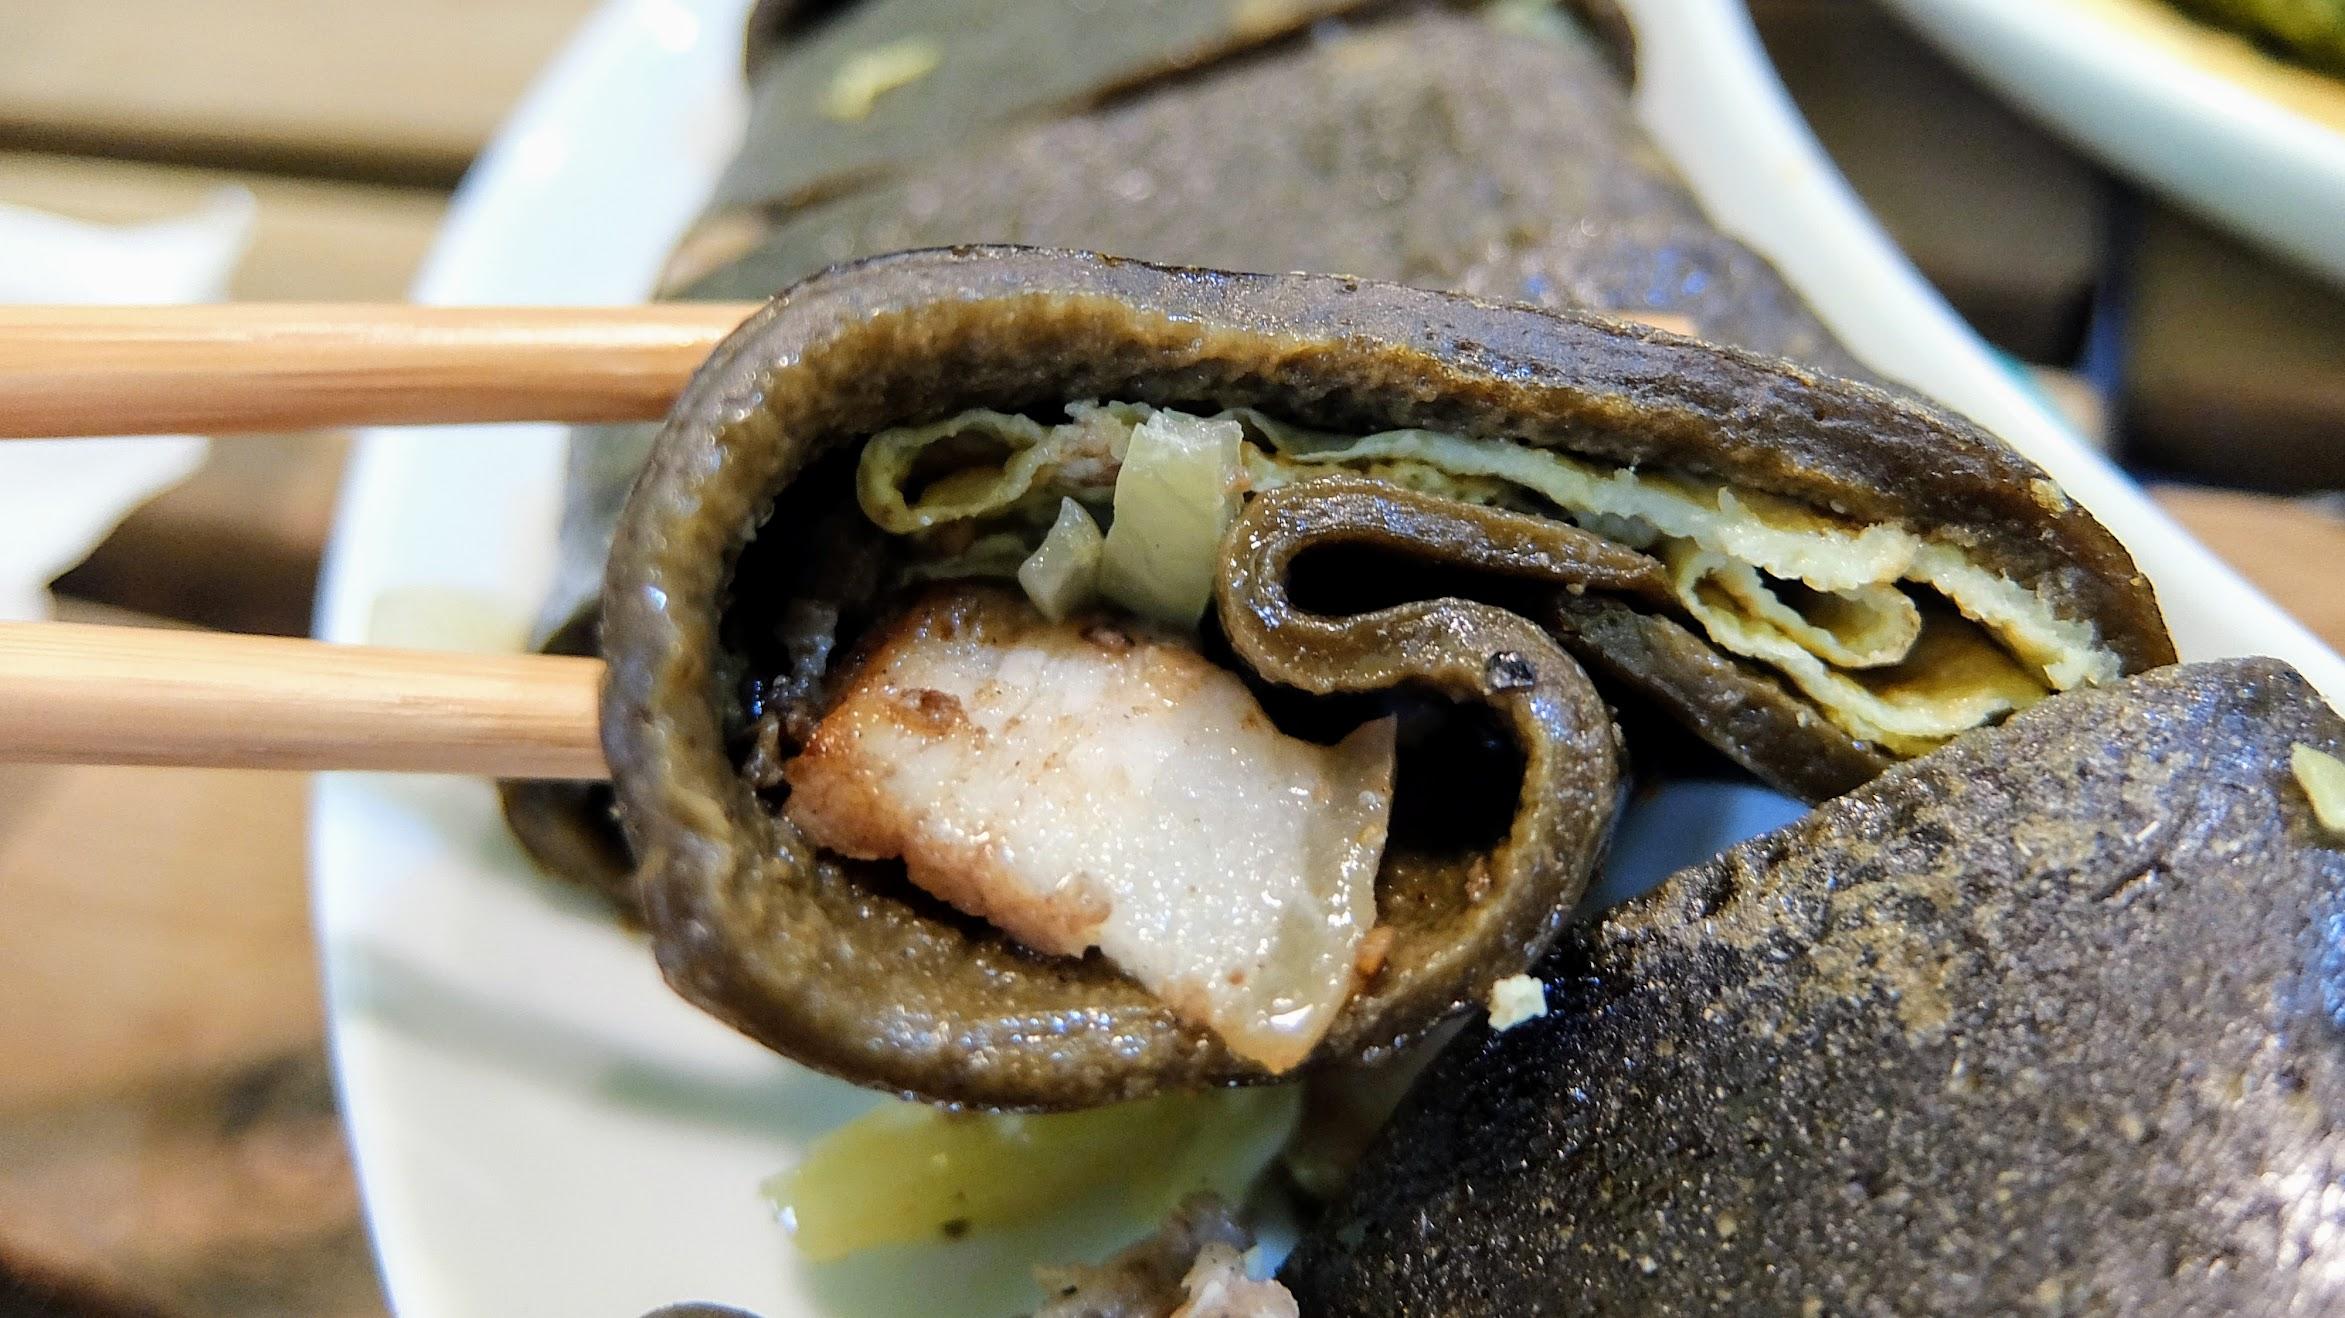 內餡選擇酸菜豬肉,頗好吃的,不油膩帶著一點鹹味